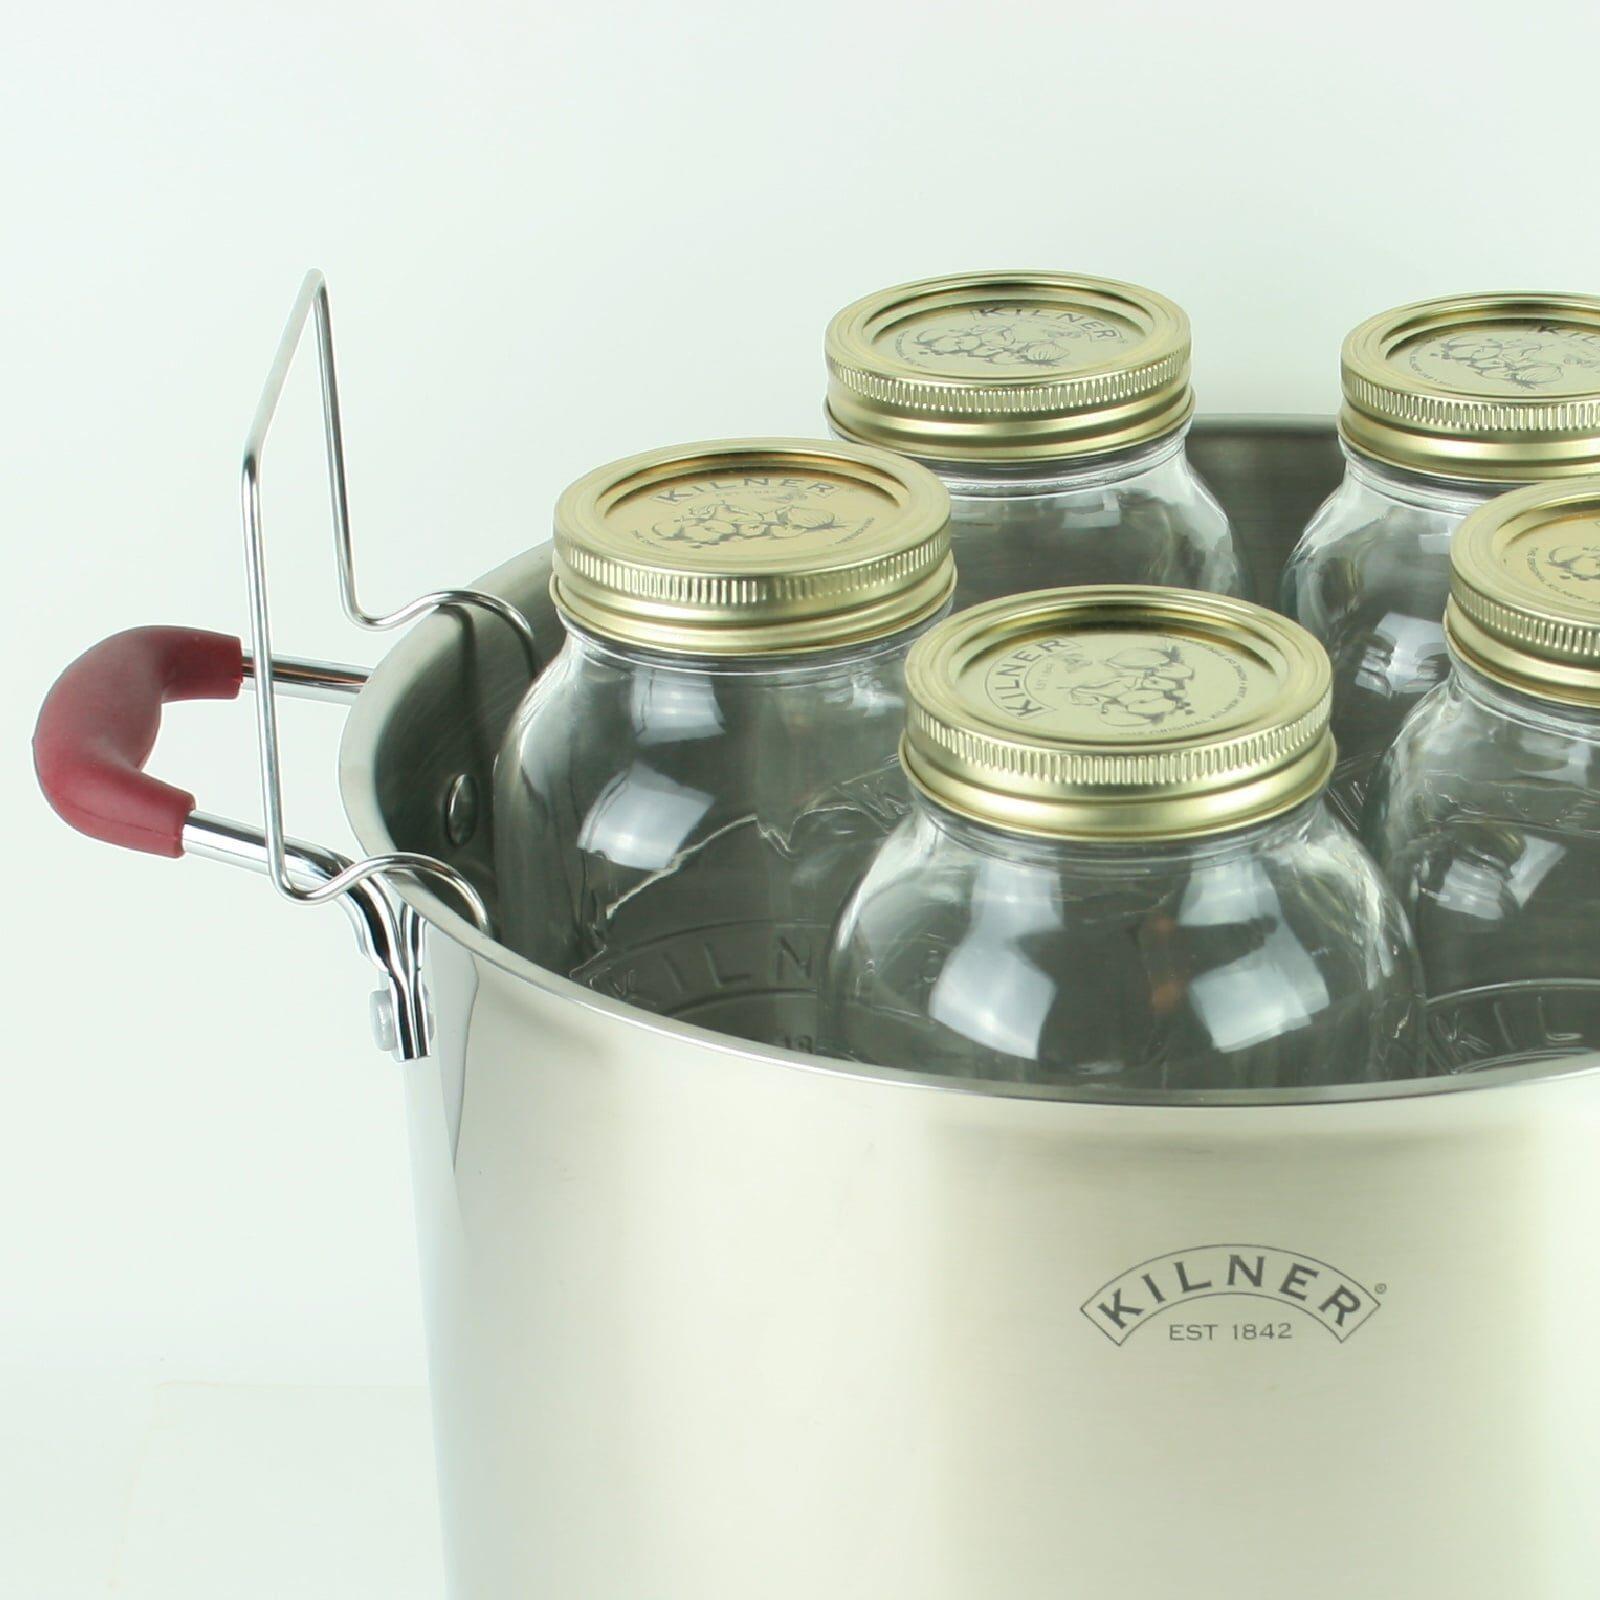 Kilner Canning Pan Canner Set with Rack for 5 1 Litre Preserve Jars